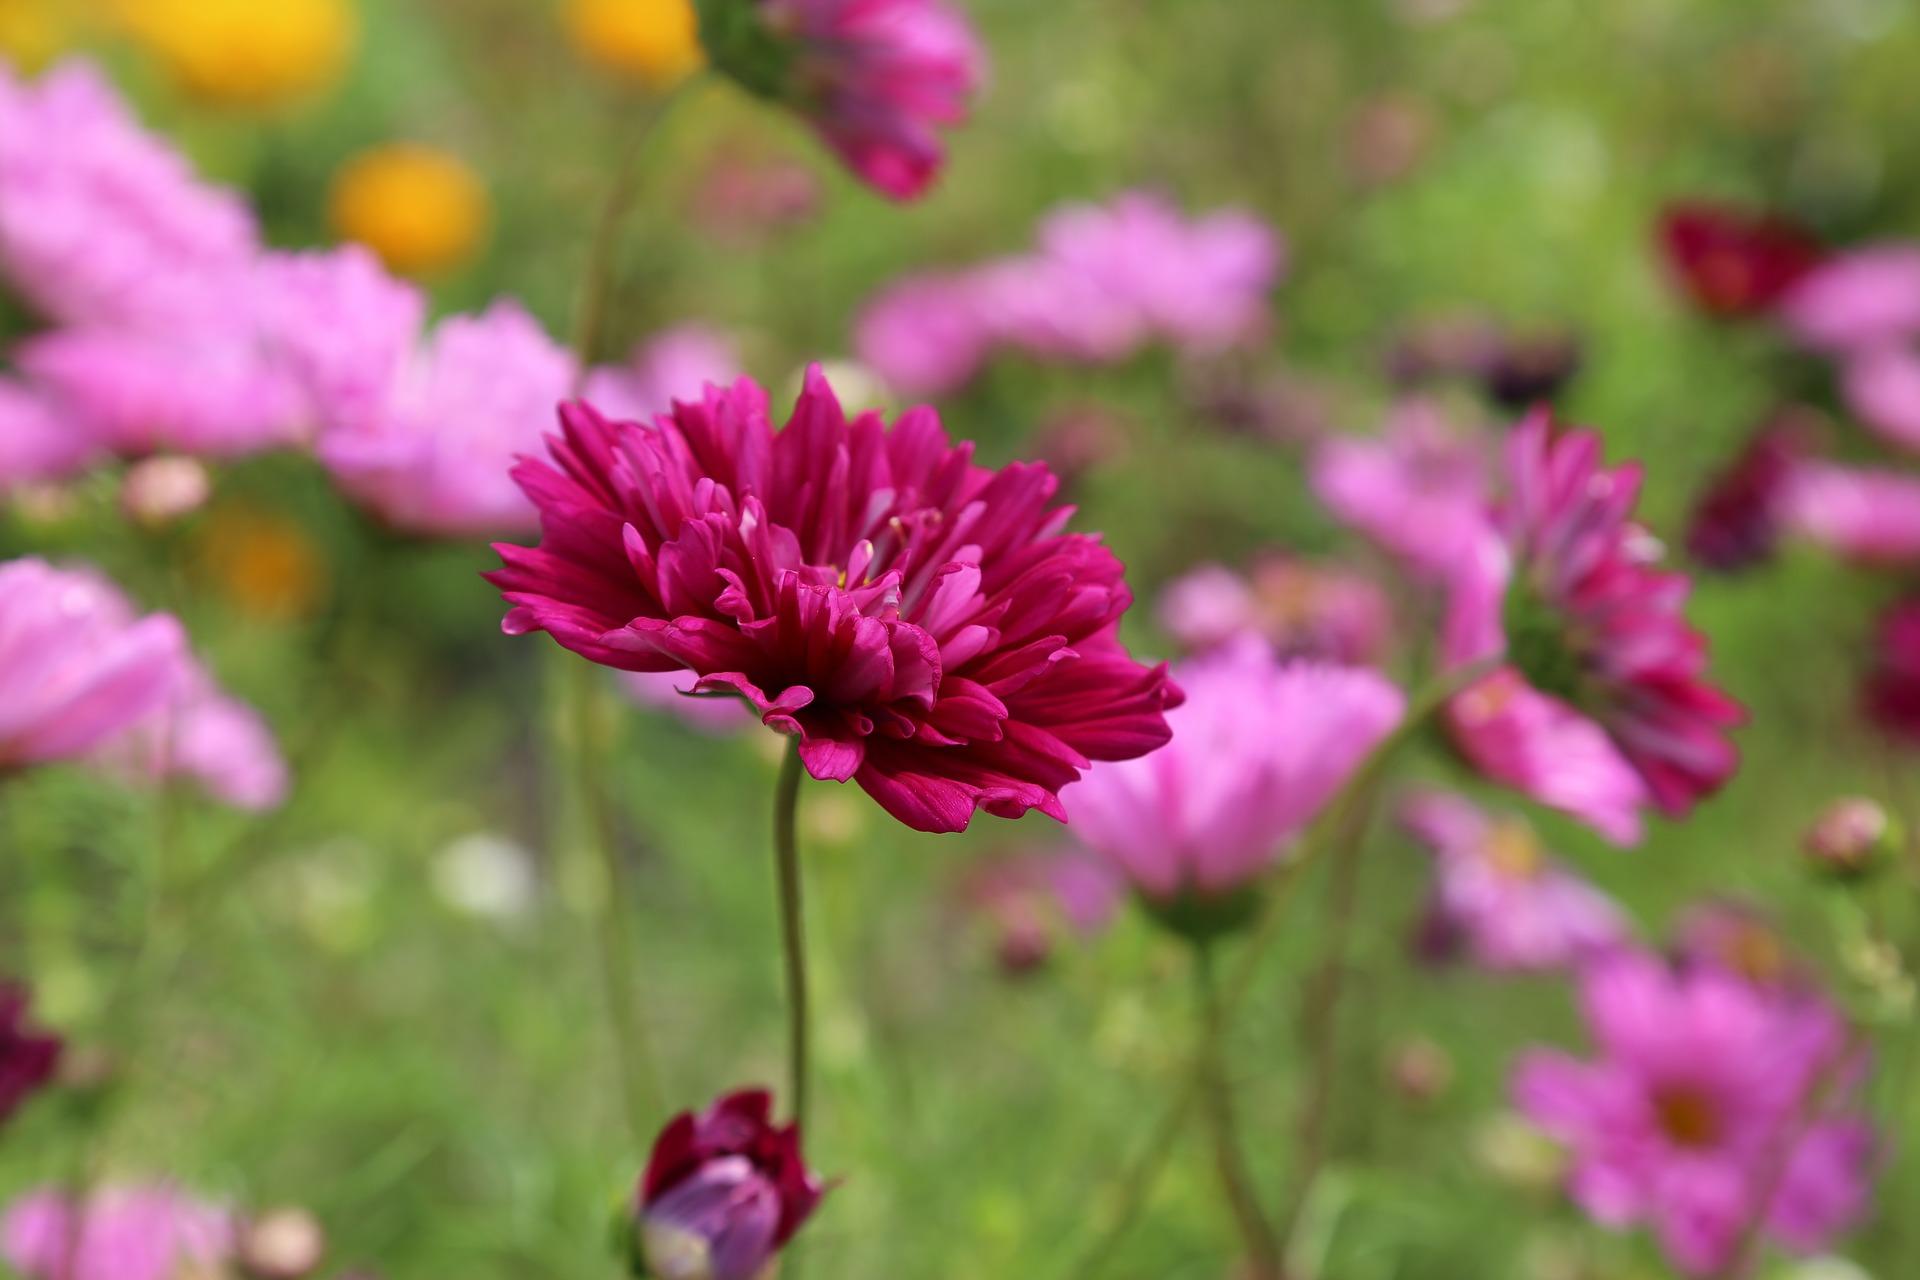 flower-408833_1920